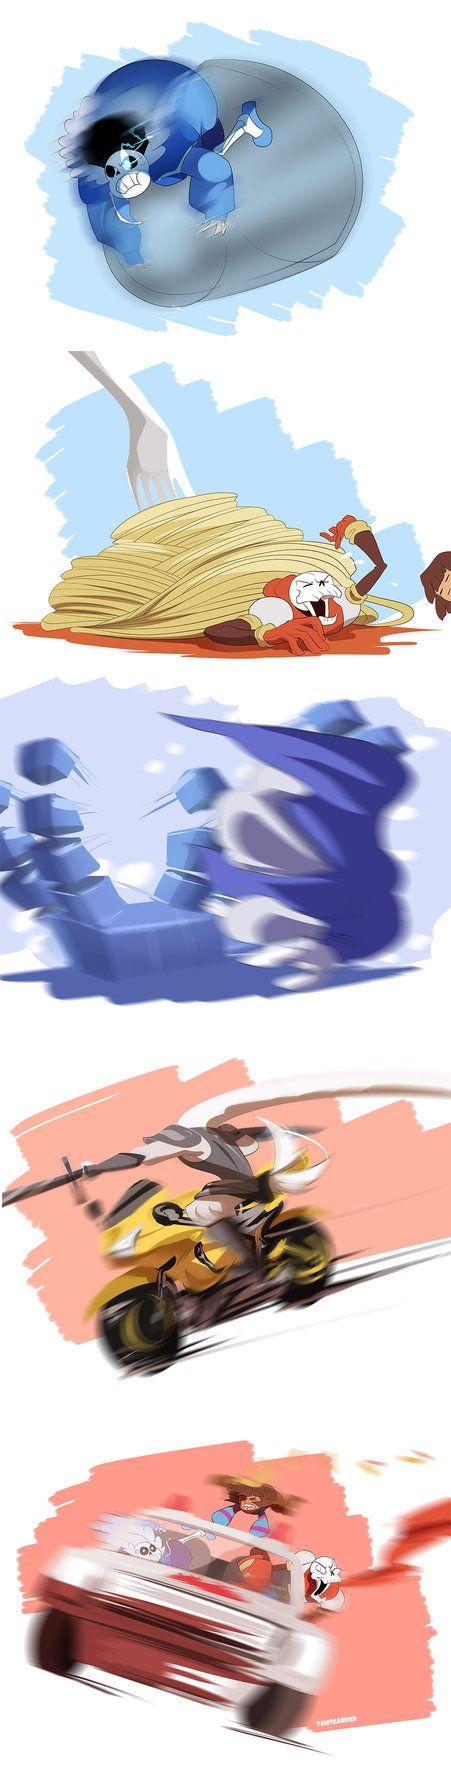 sans, papyrus, frisk - Little Buddies - Series 1 by YAMsgarden.deviantart.com on @DeviantArt